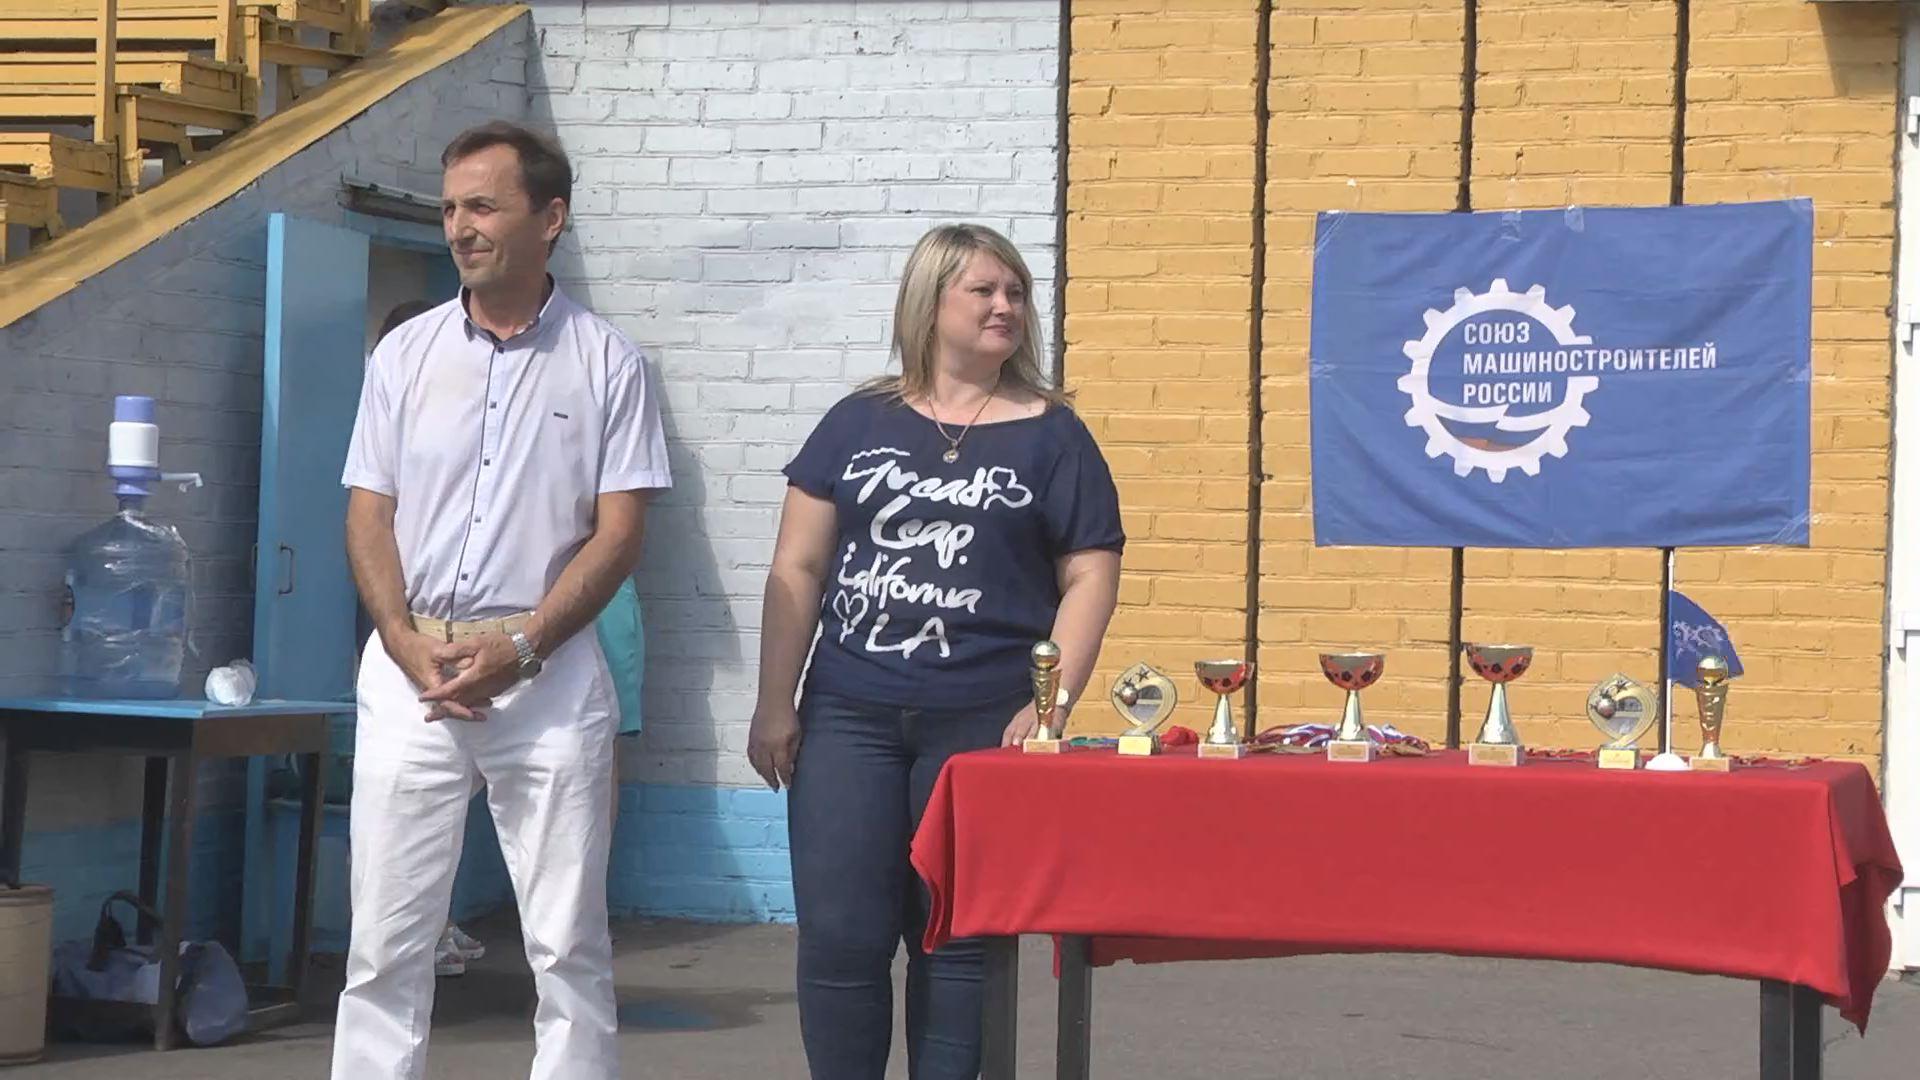 Заводчане одного из крупнейших предприятий региона отметили День физкультурника множеством соревнований и матчей